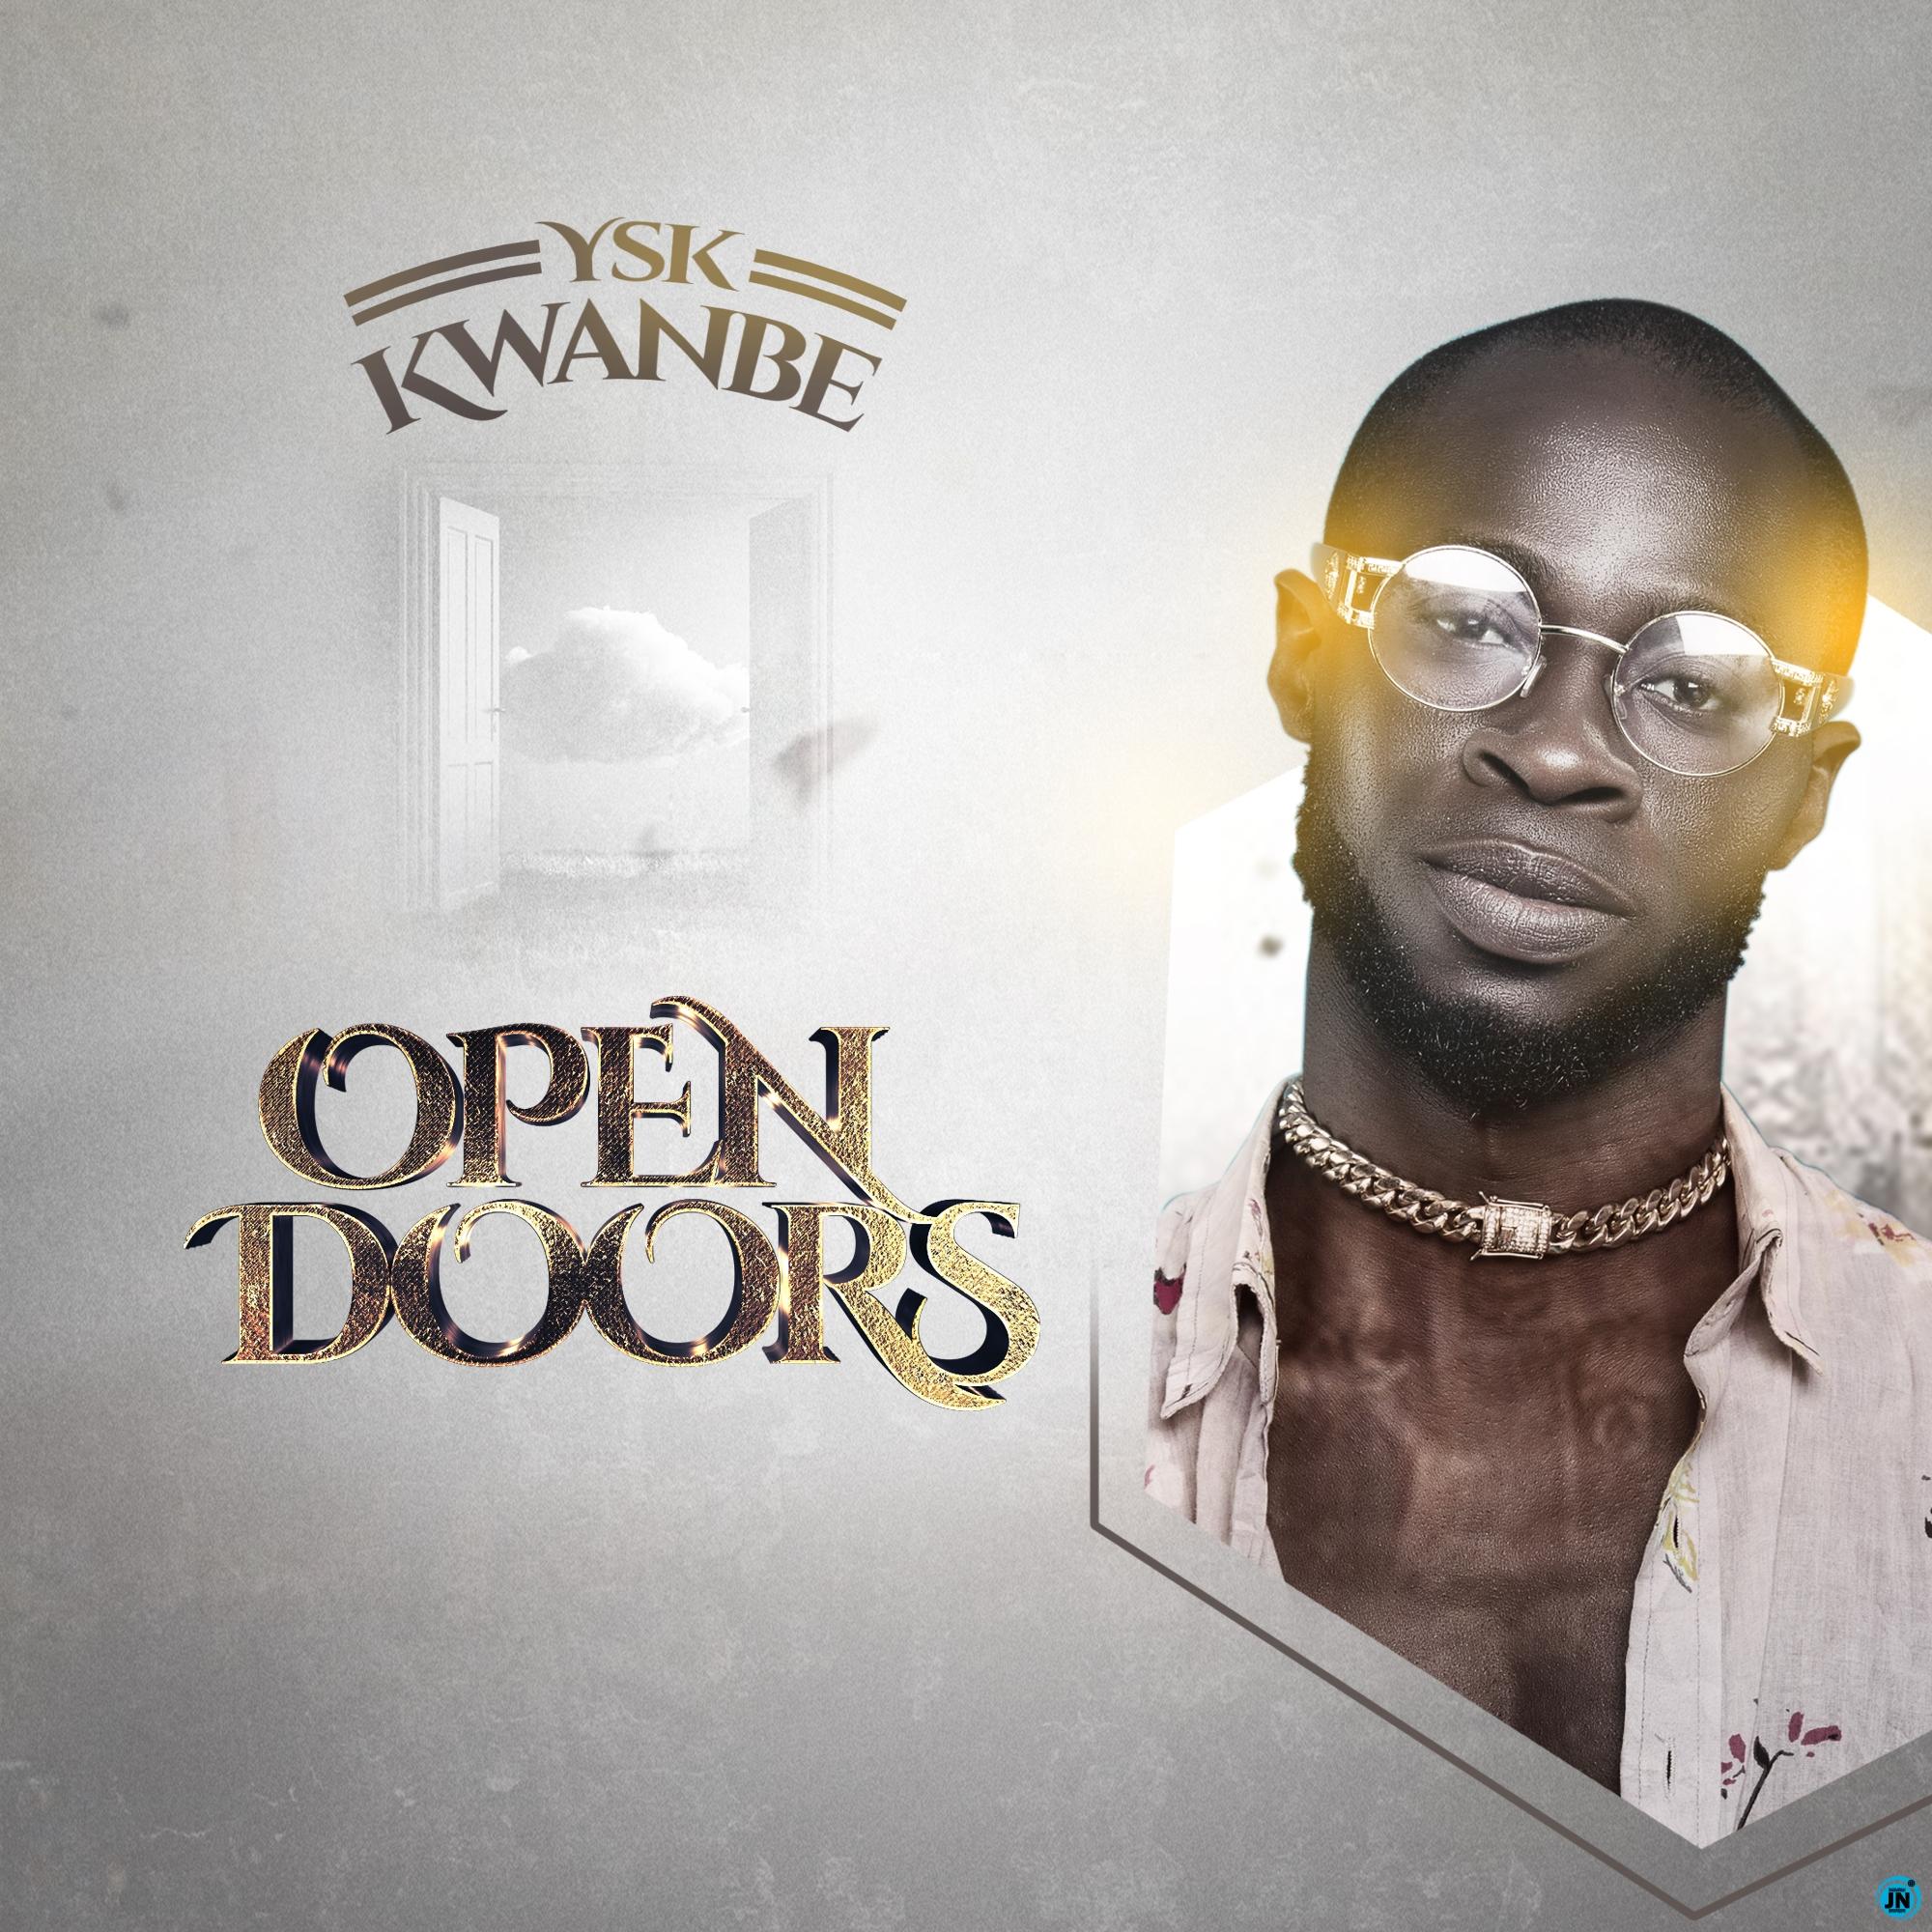 Ysk Kwanbe – Open Doors